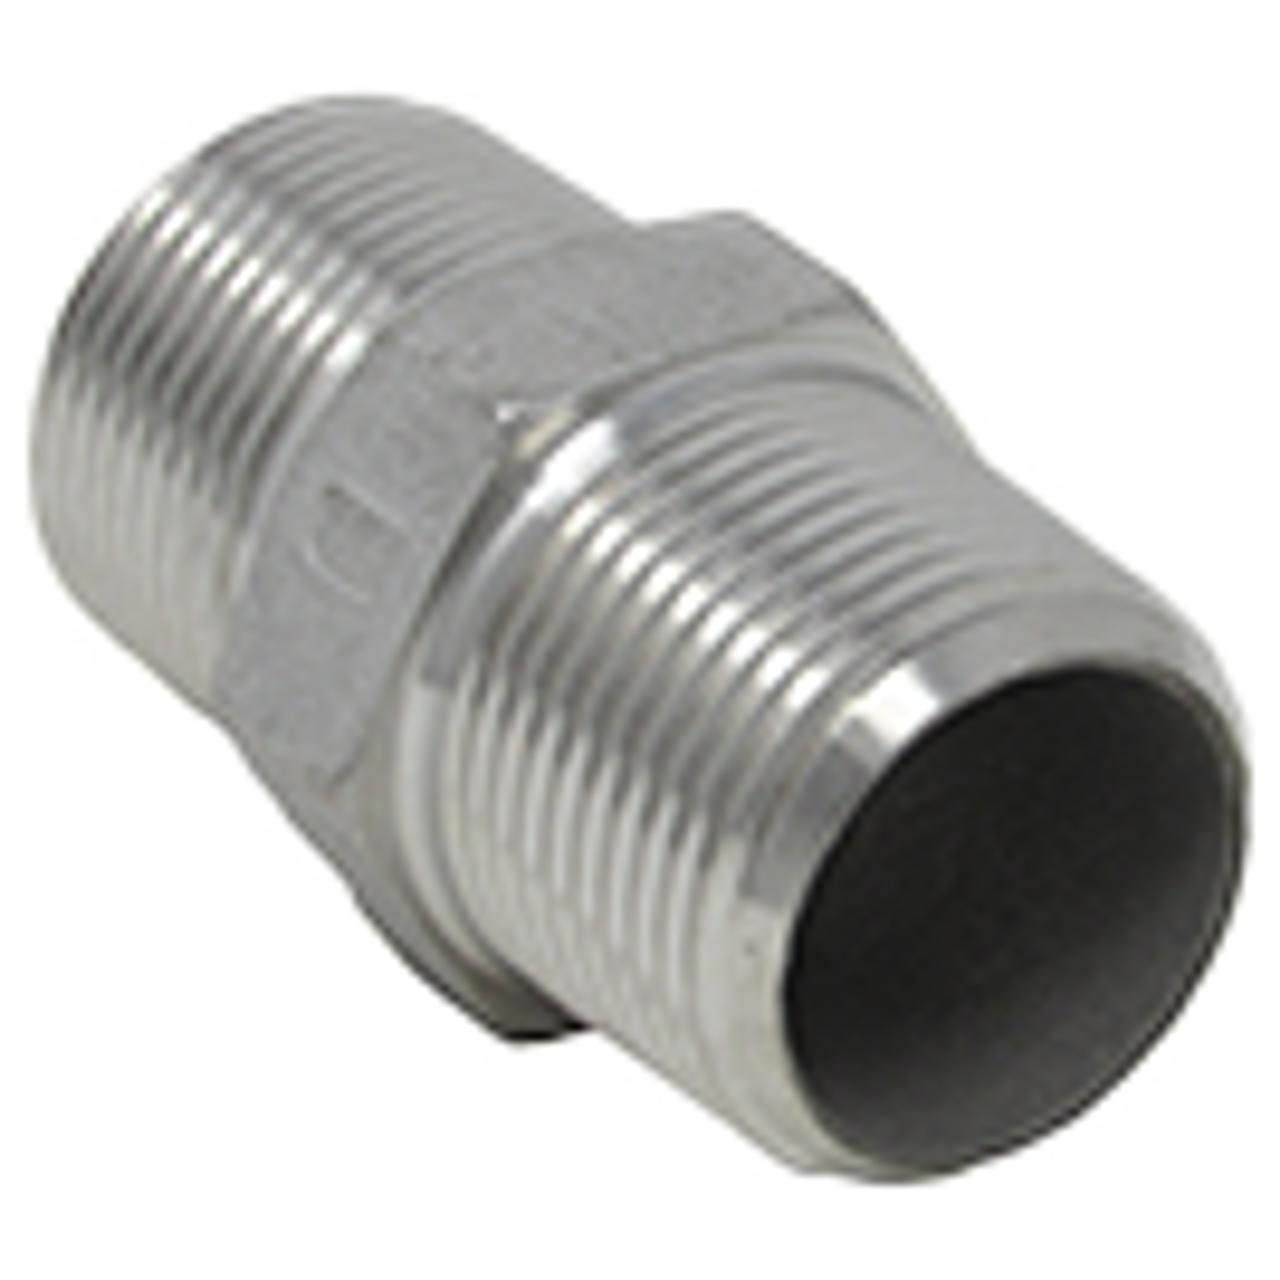 Hex Nipples - Stainless Steel